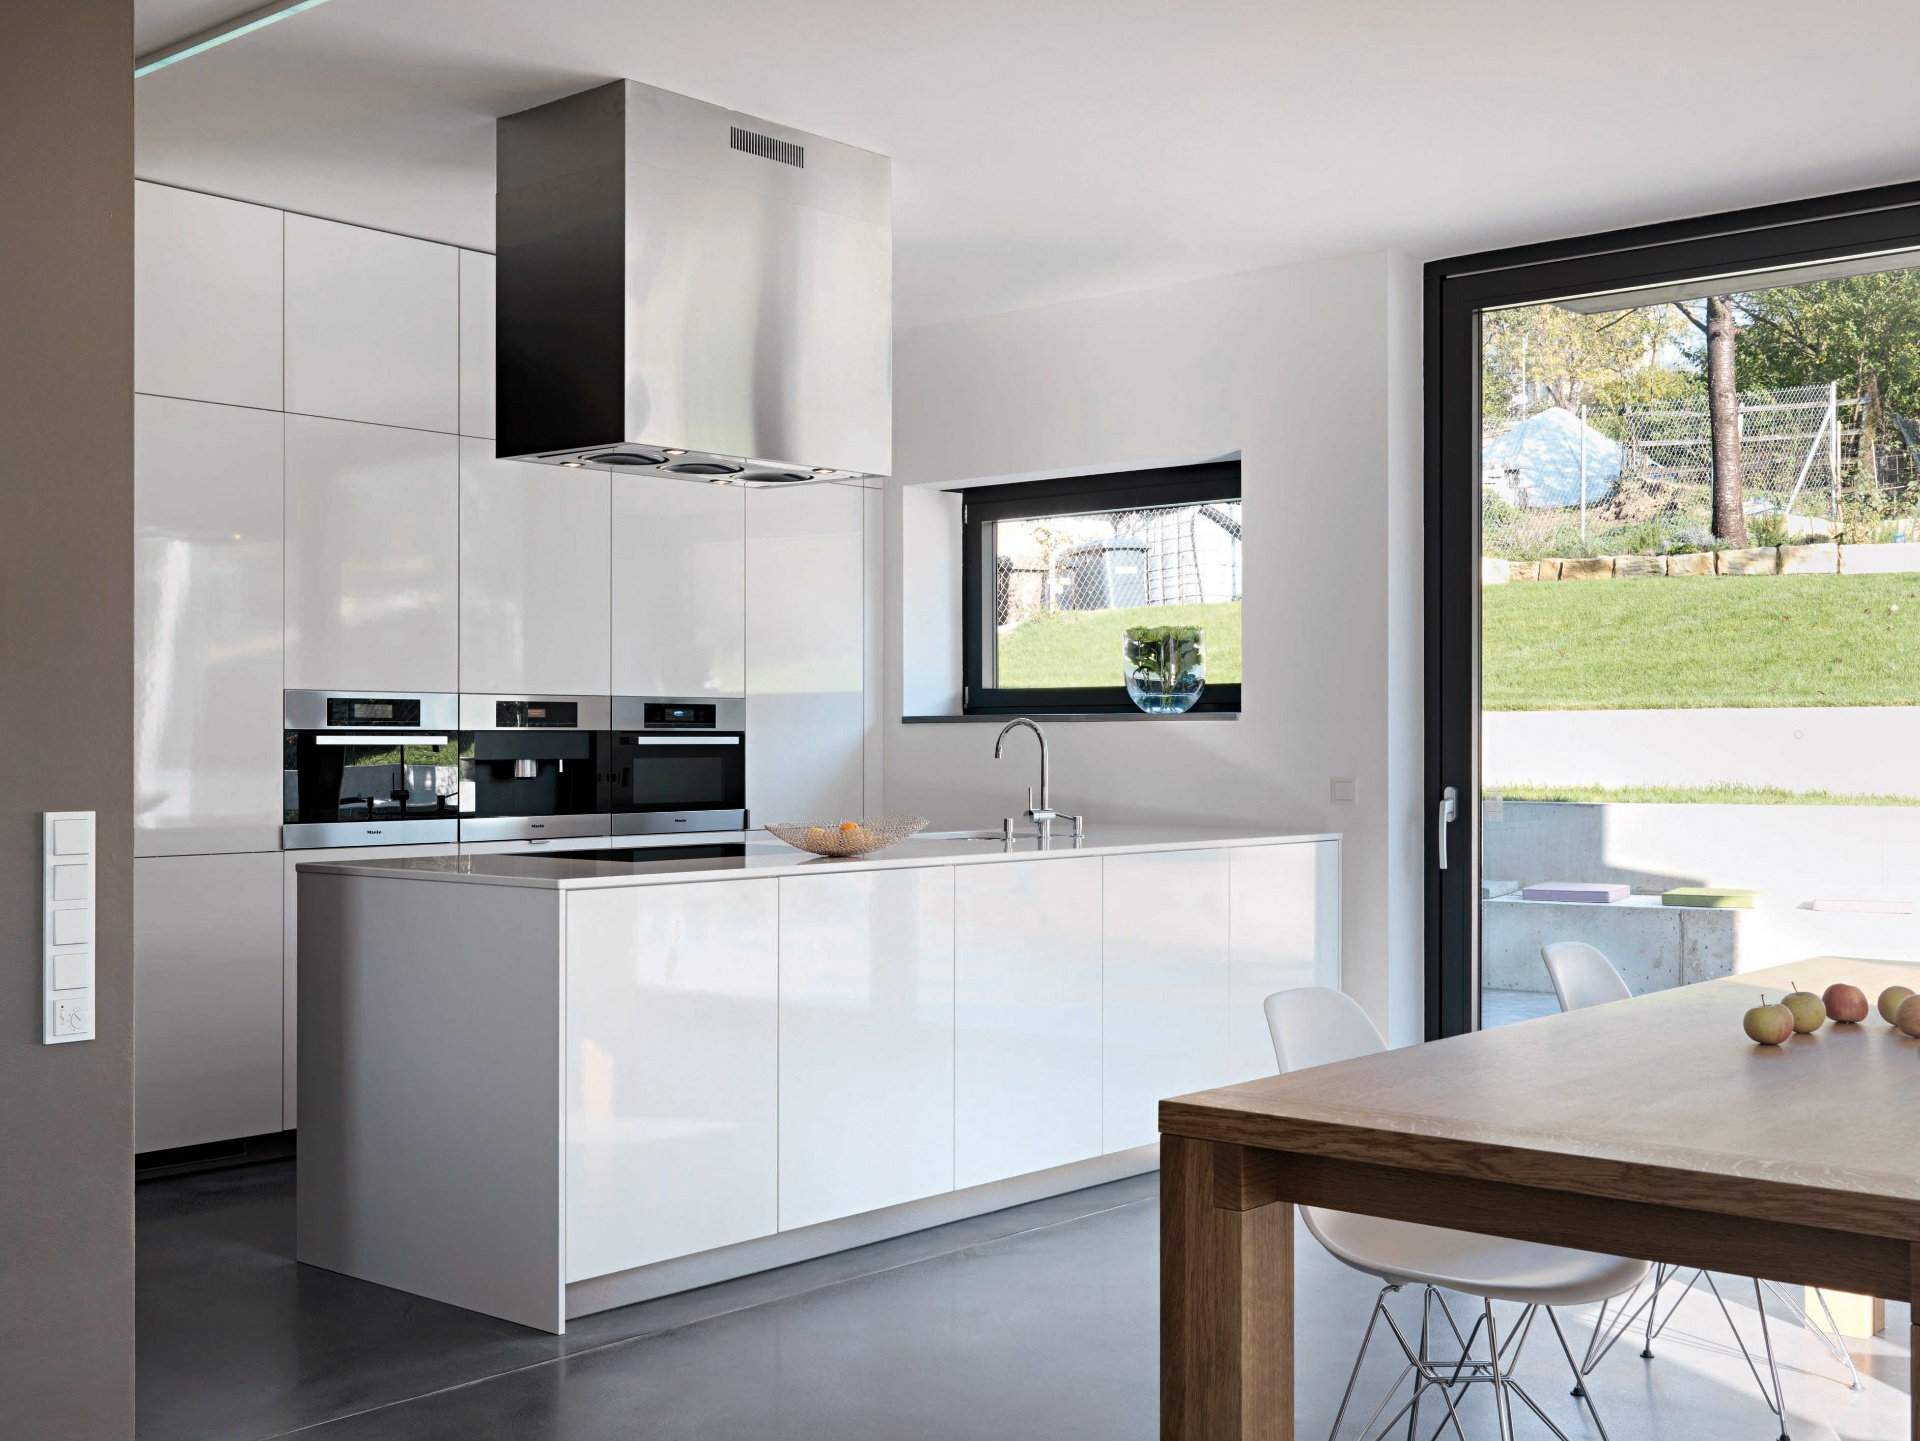 Integrada ao ambiente de jantar, a cozinha assinada pelos arquitetos alemães, Gunter Fleitz e Peter Ippolito, usou mobiliário da Leicht que se destaca sobre o piso acinzentado, e contrasta com a mesa em madeira. Aqui, o branco também tem a função de garantir limpeza